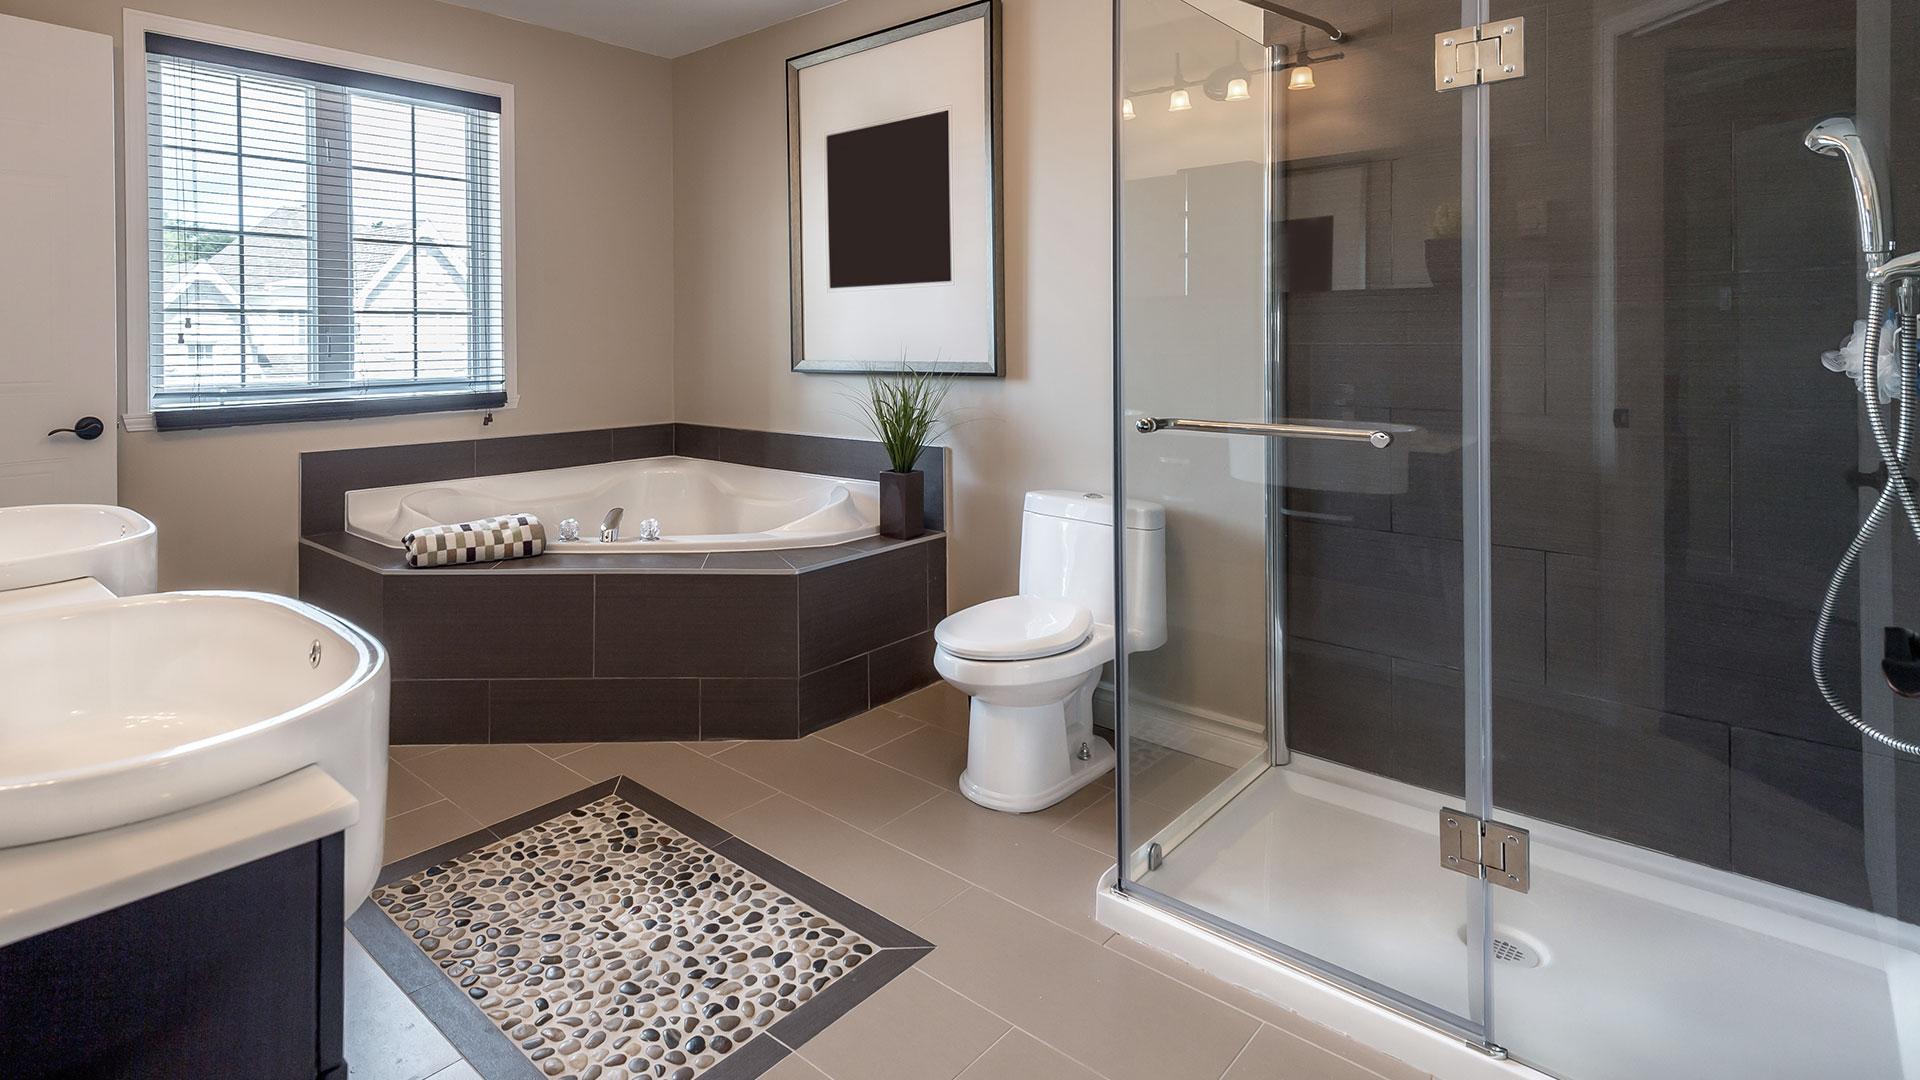 Hd Drywall Boise Diydrywallsorg - Bathroom remodel boise